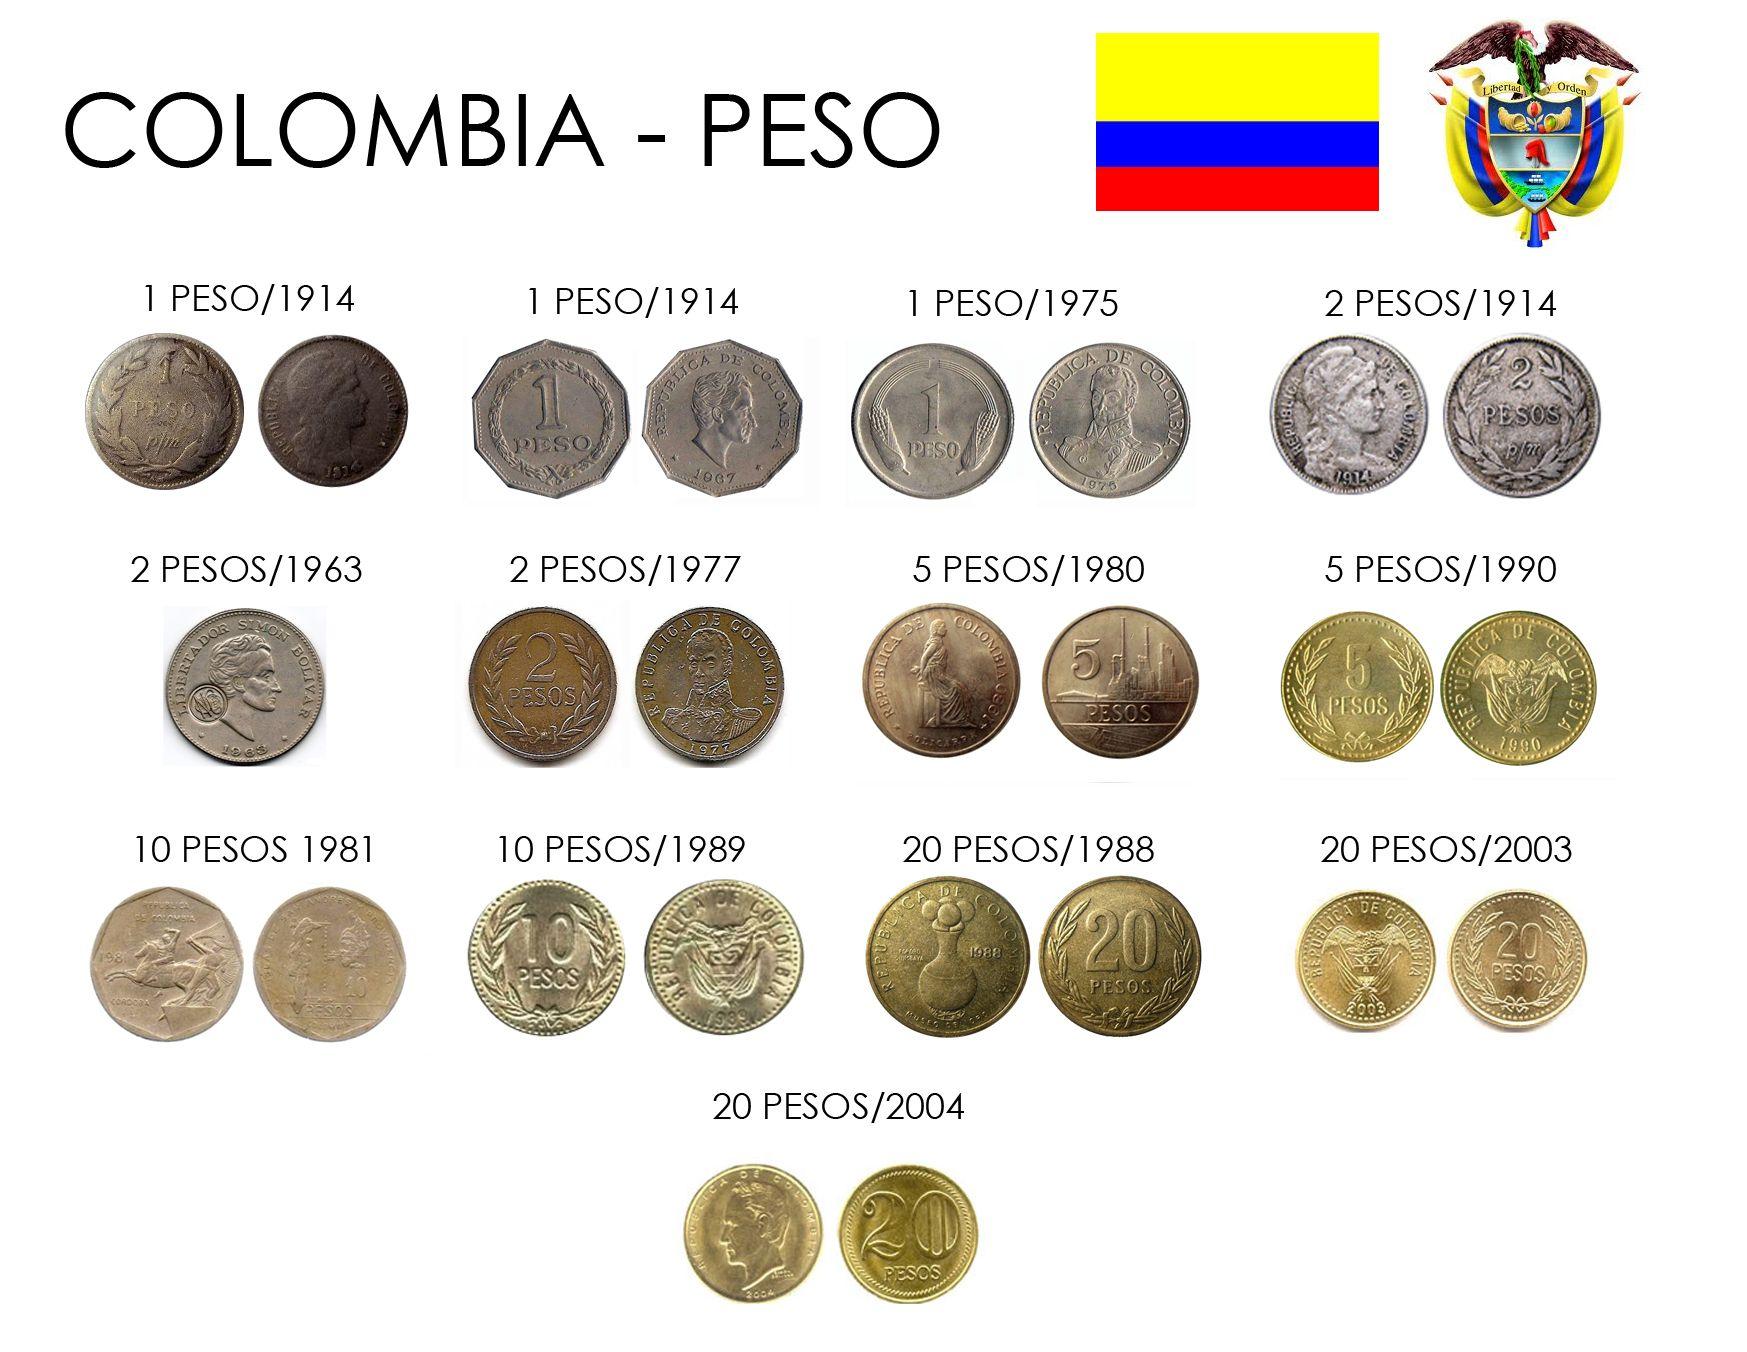 Algunas Monedas De Colombia Denominaciones De 1 2 5 10 Y 20 Pesos Indigenas Colombianos Monedas De 10 Monedas